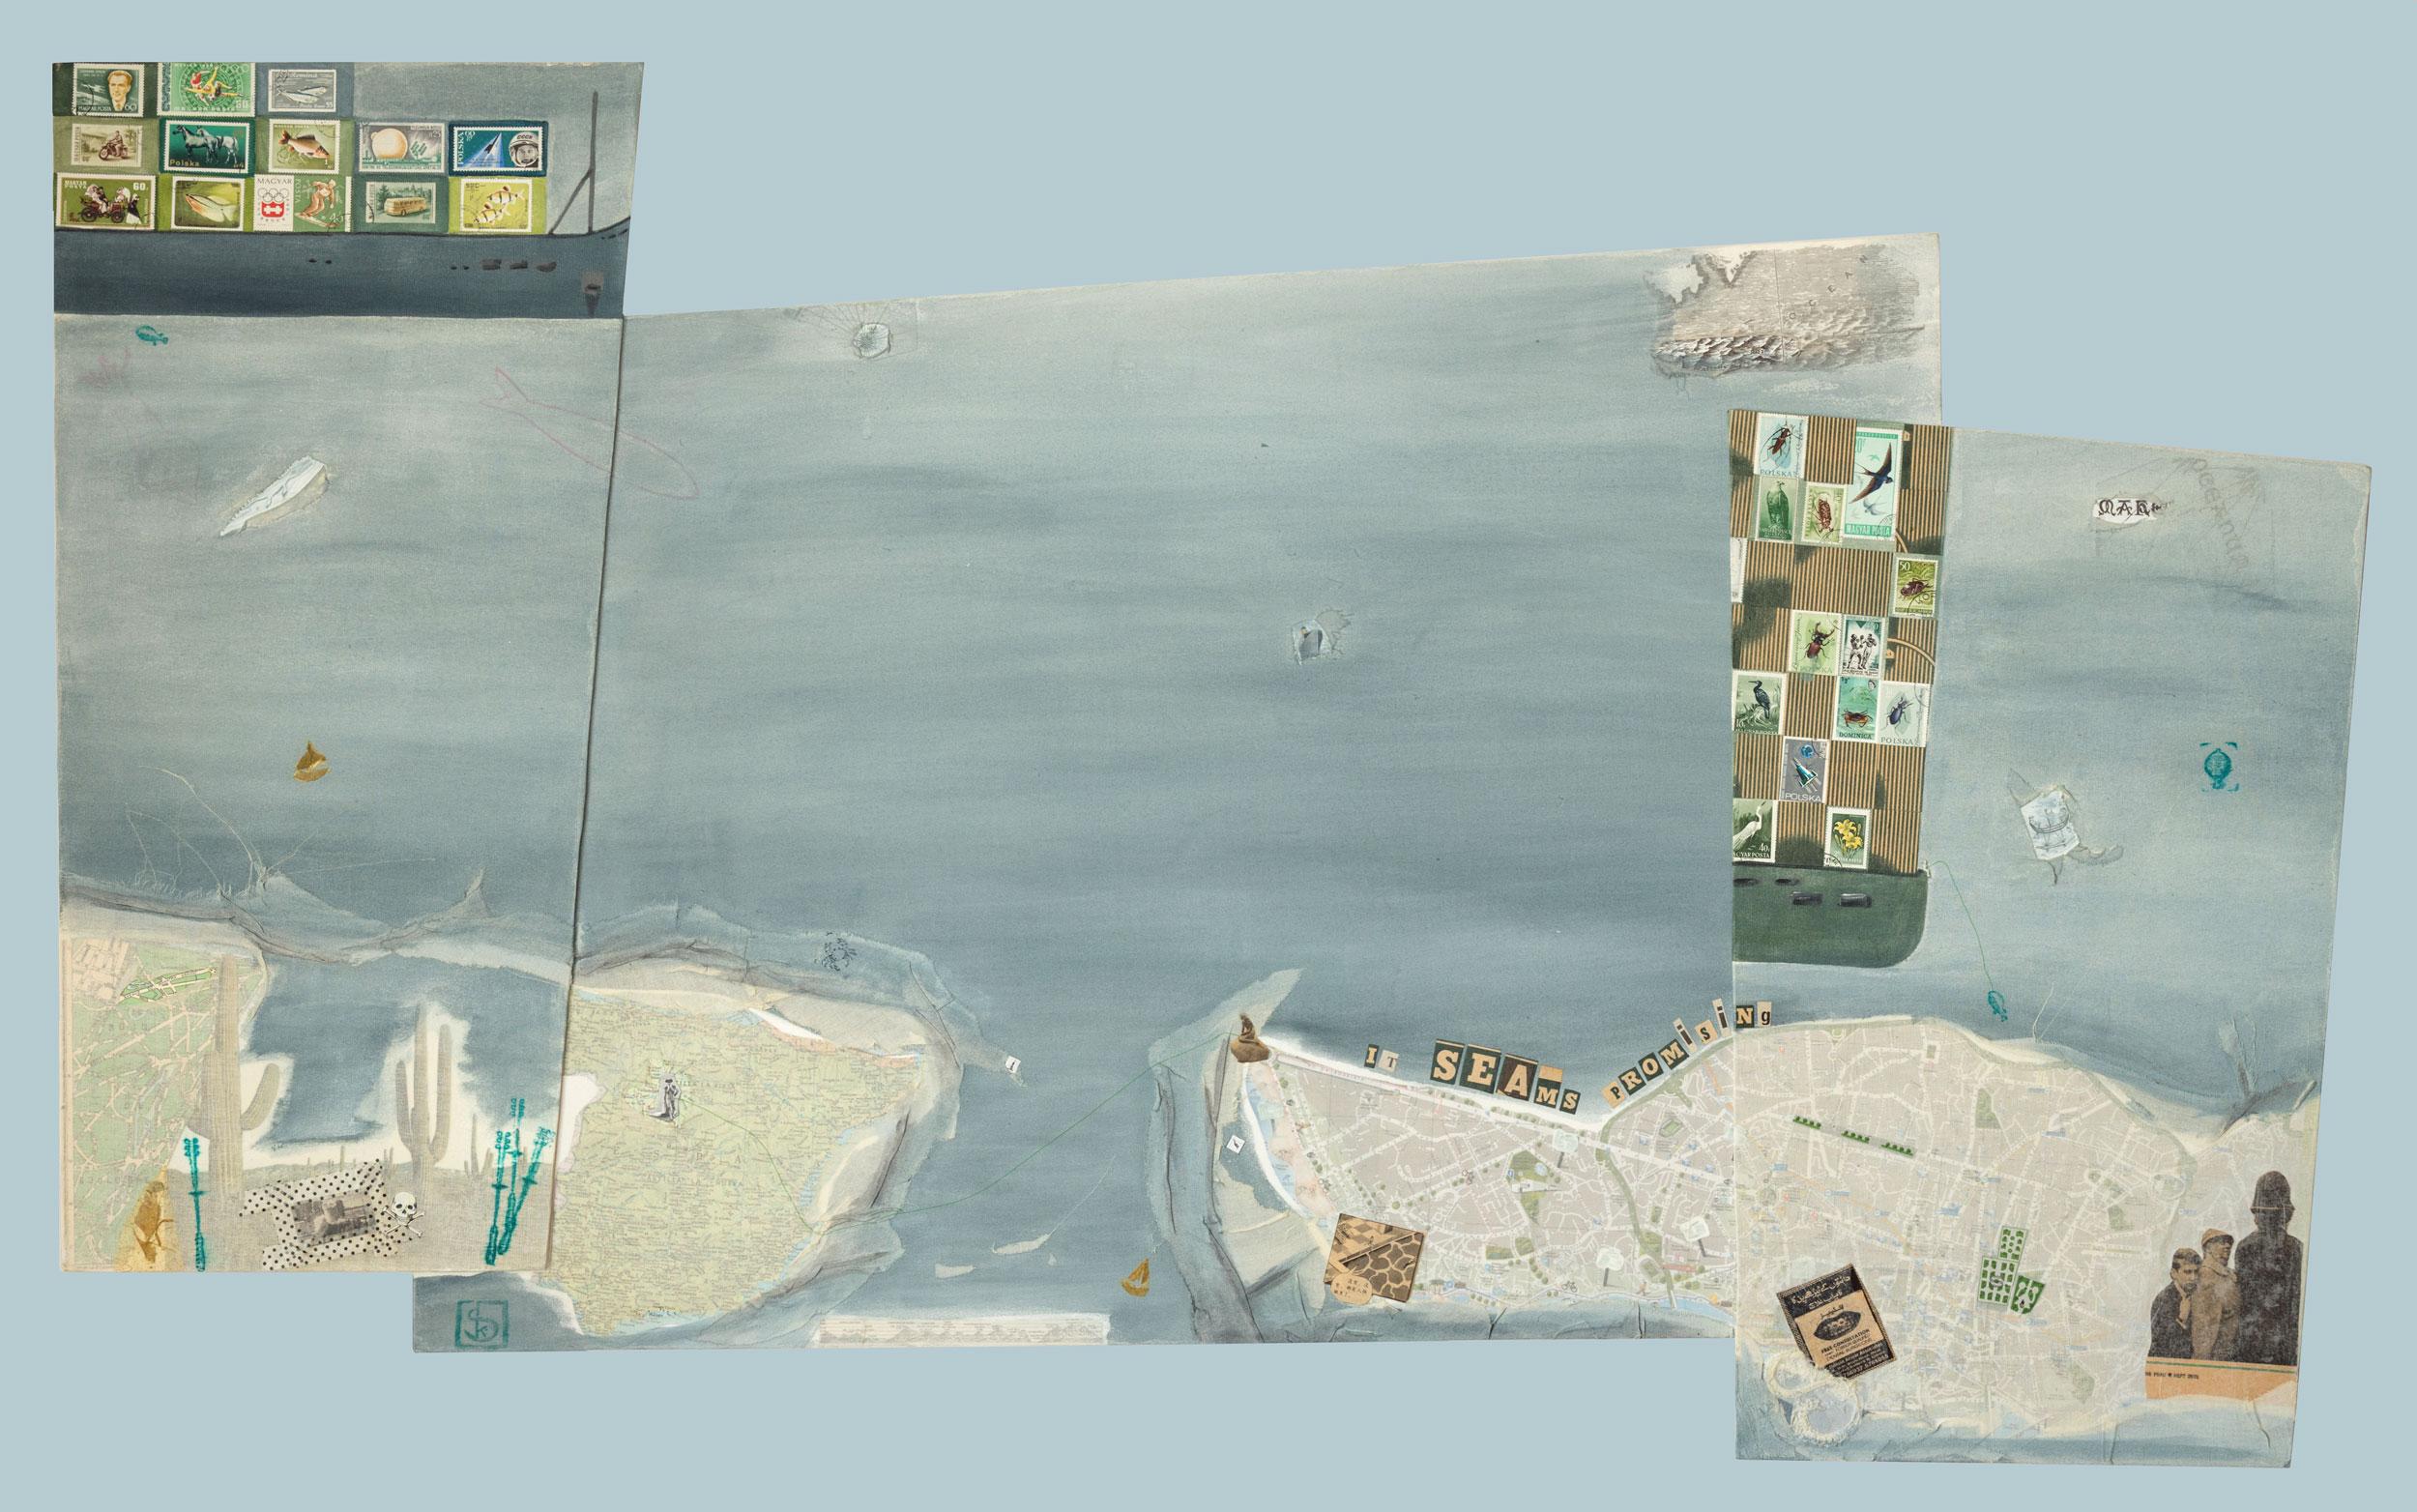 karin_schaefer_collage_art_seamaps_seams_promising.jpg